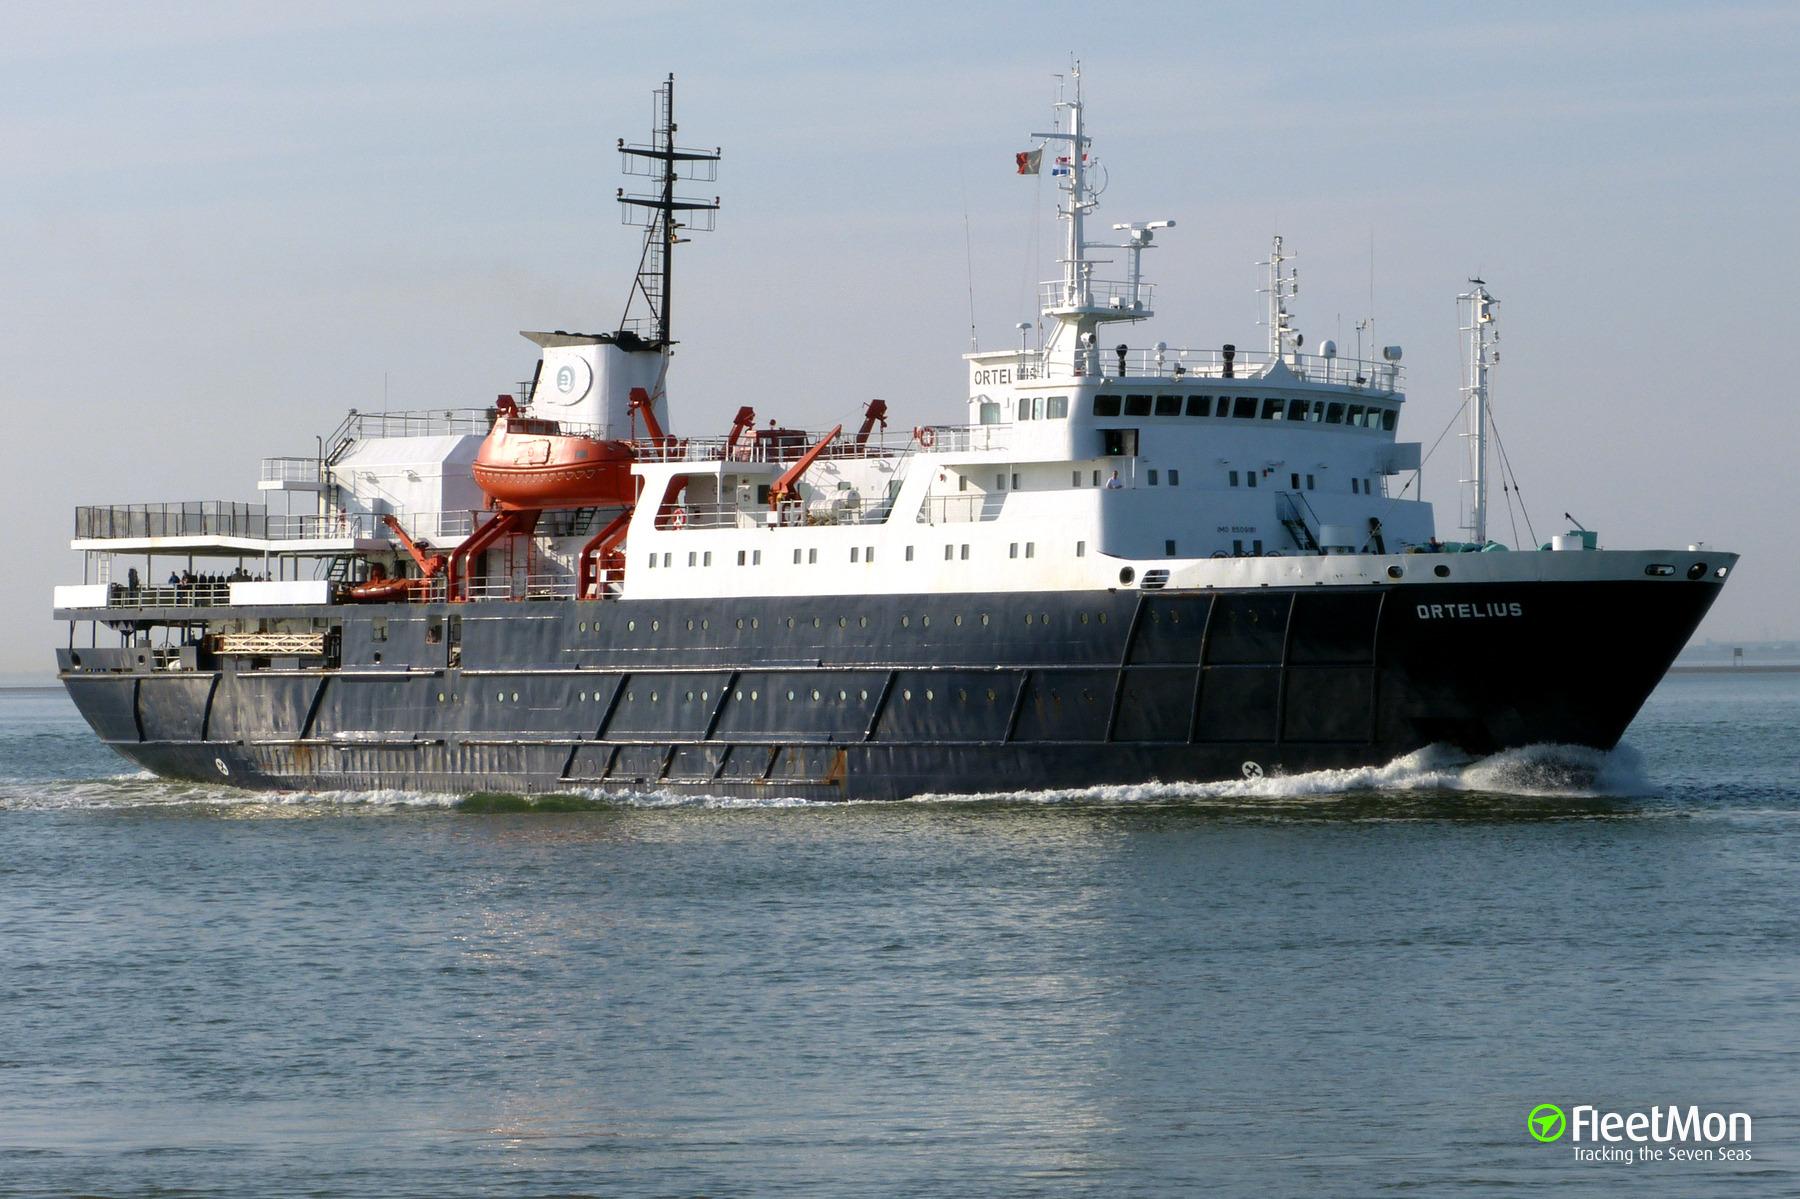 Passenger ship ORTELIUS, Arctic ocean